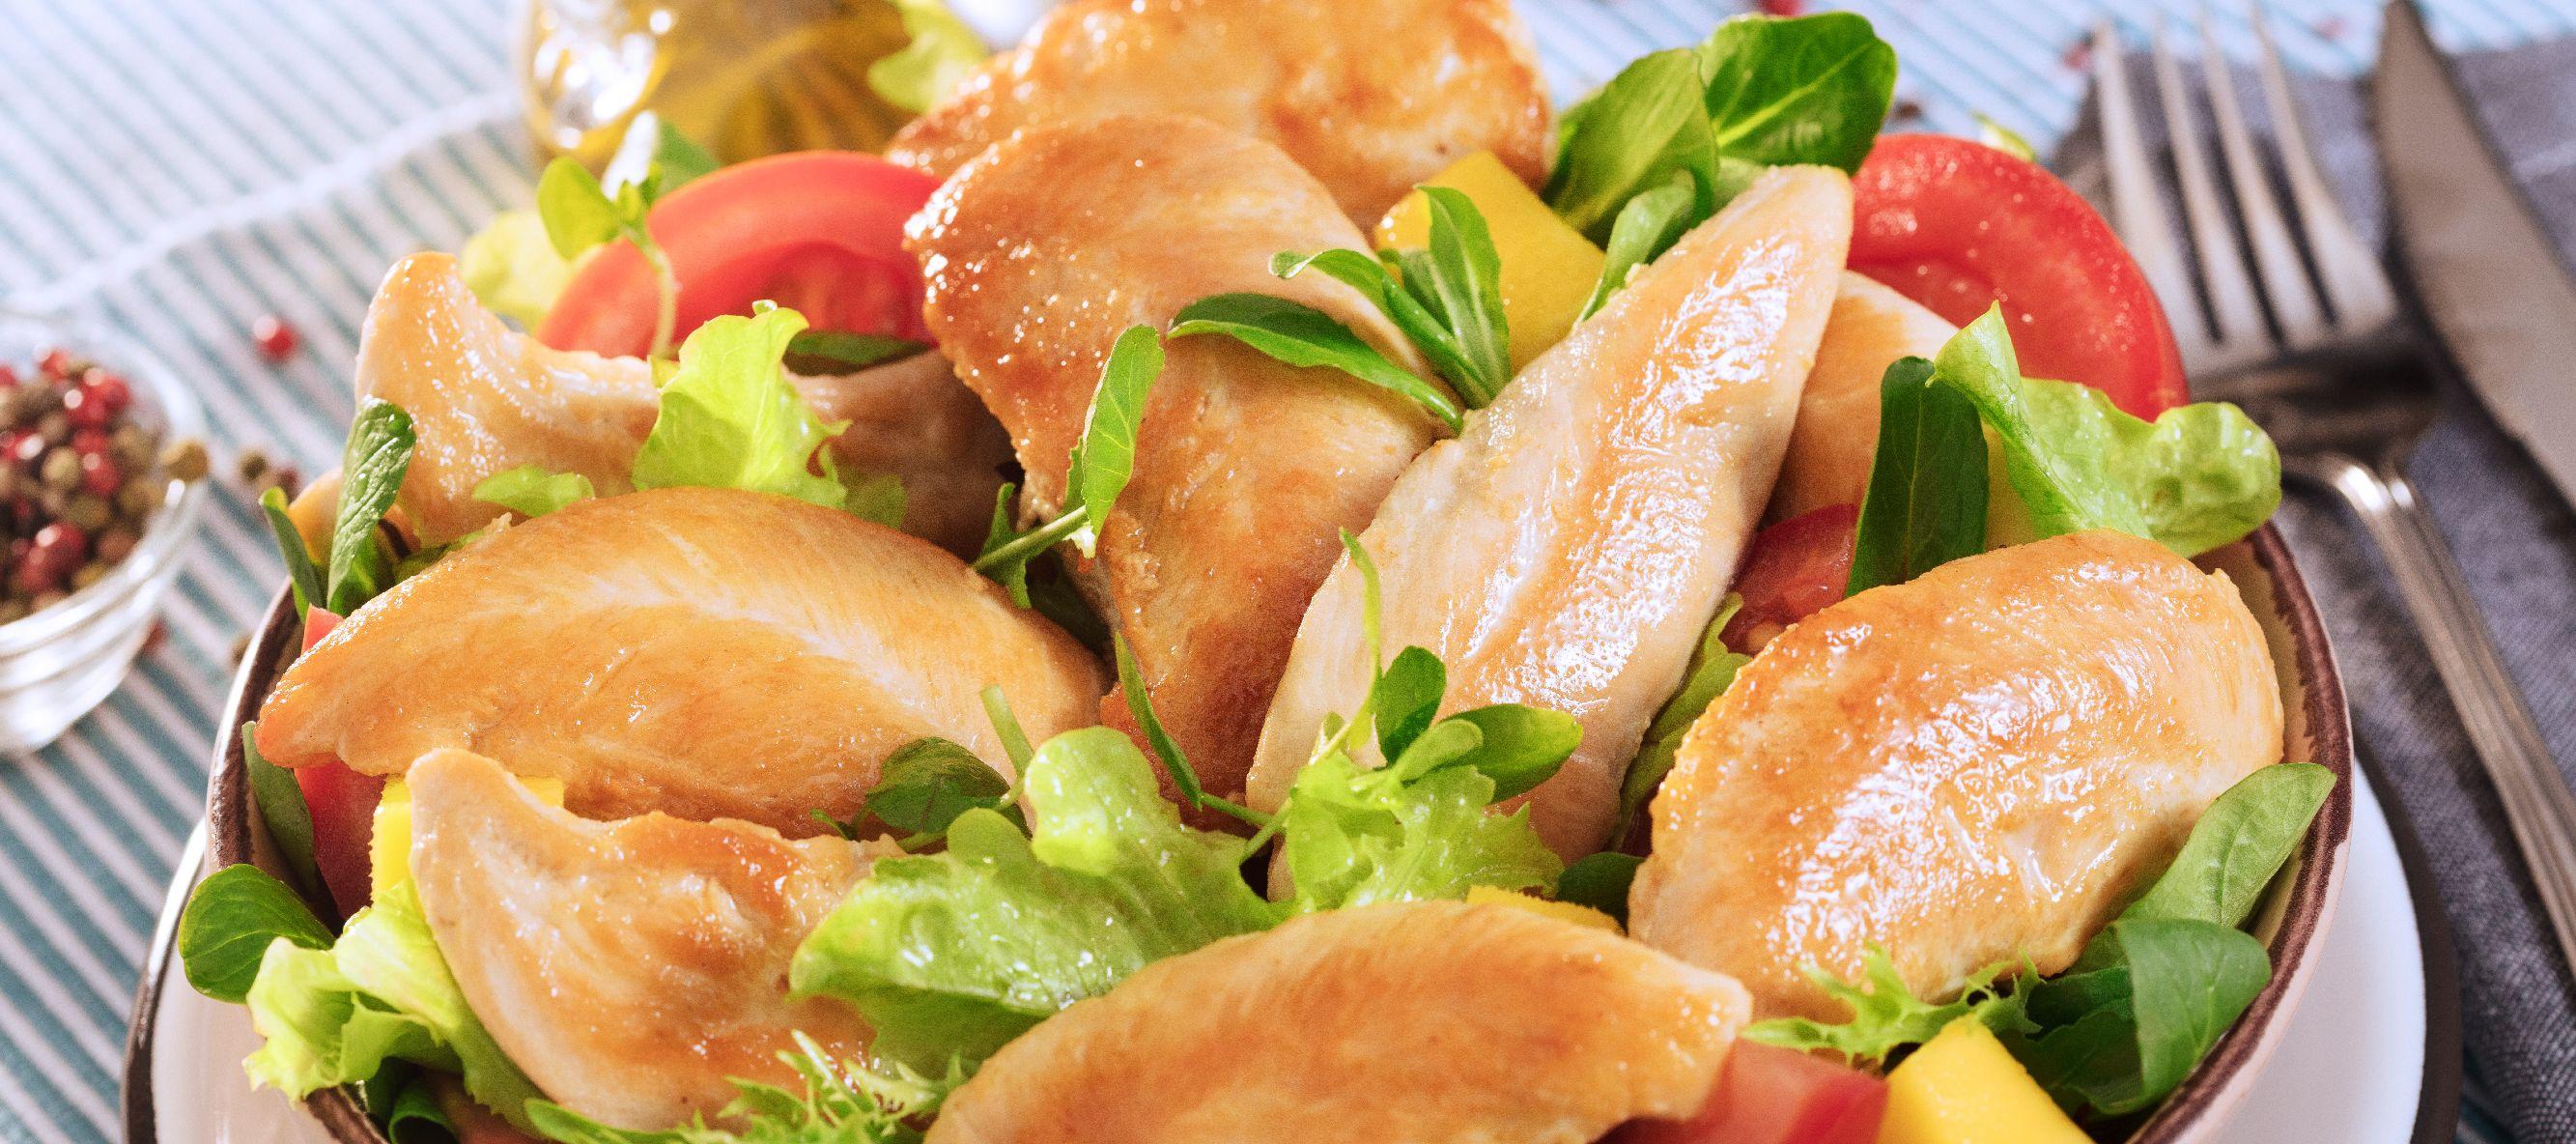 Ensalada de pollo con almendras y tomates cherry